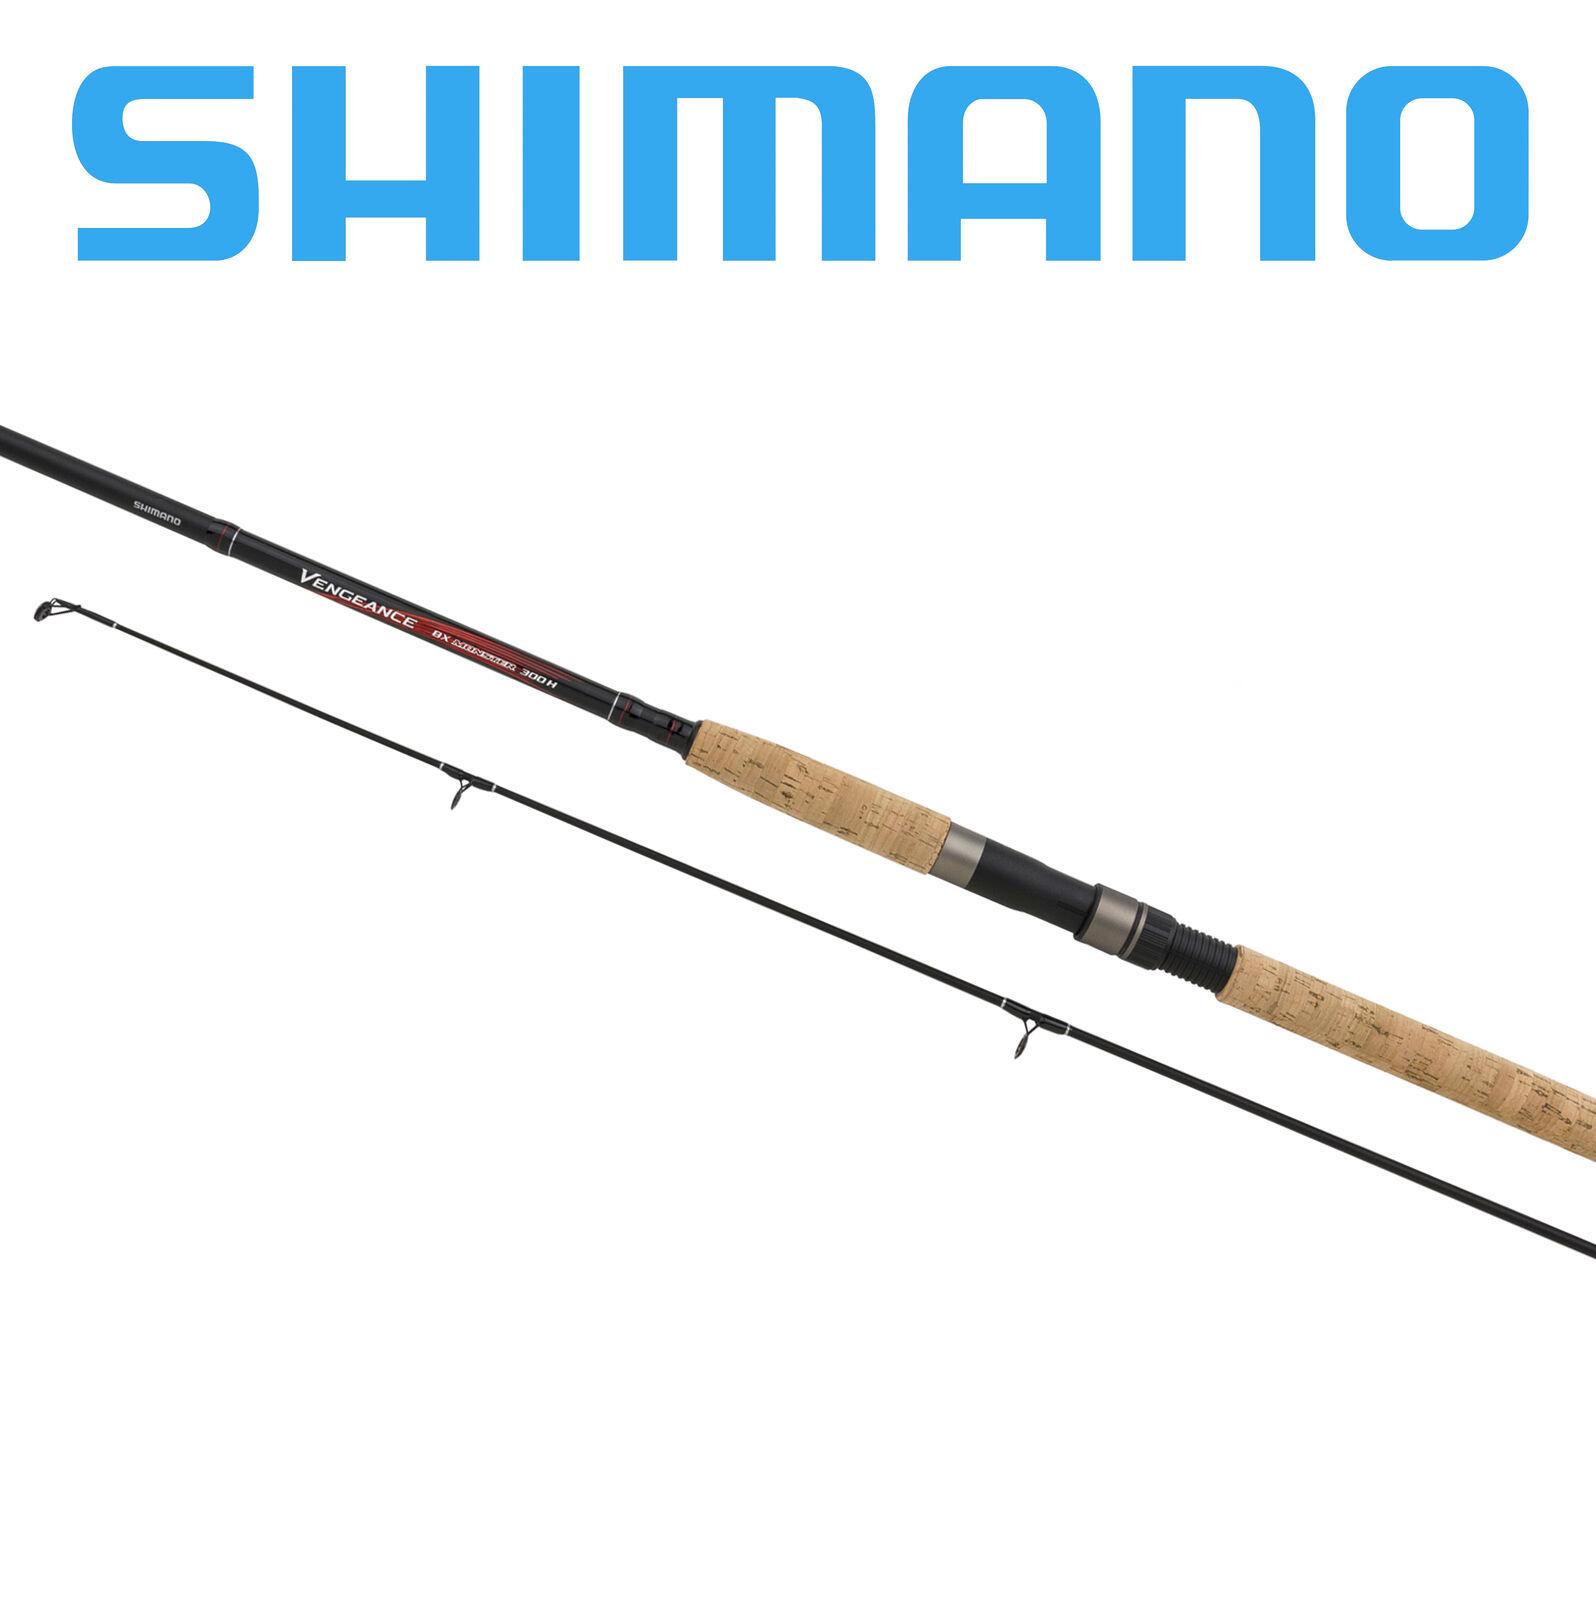 Canna da pesca Shimano Vengeance BX Spinning rod in carbonio per mare e treda